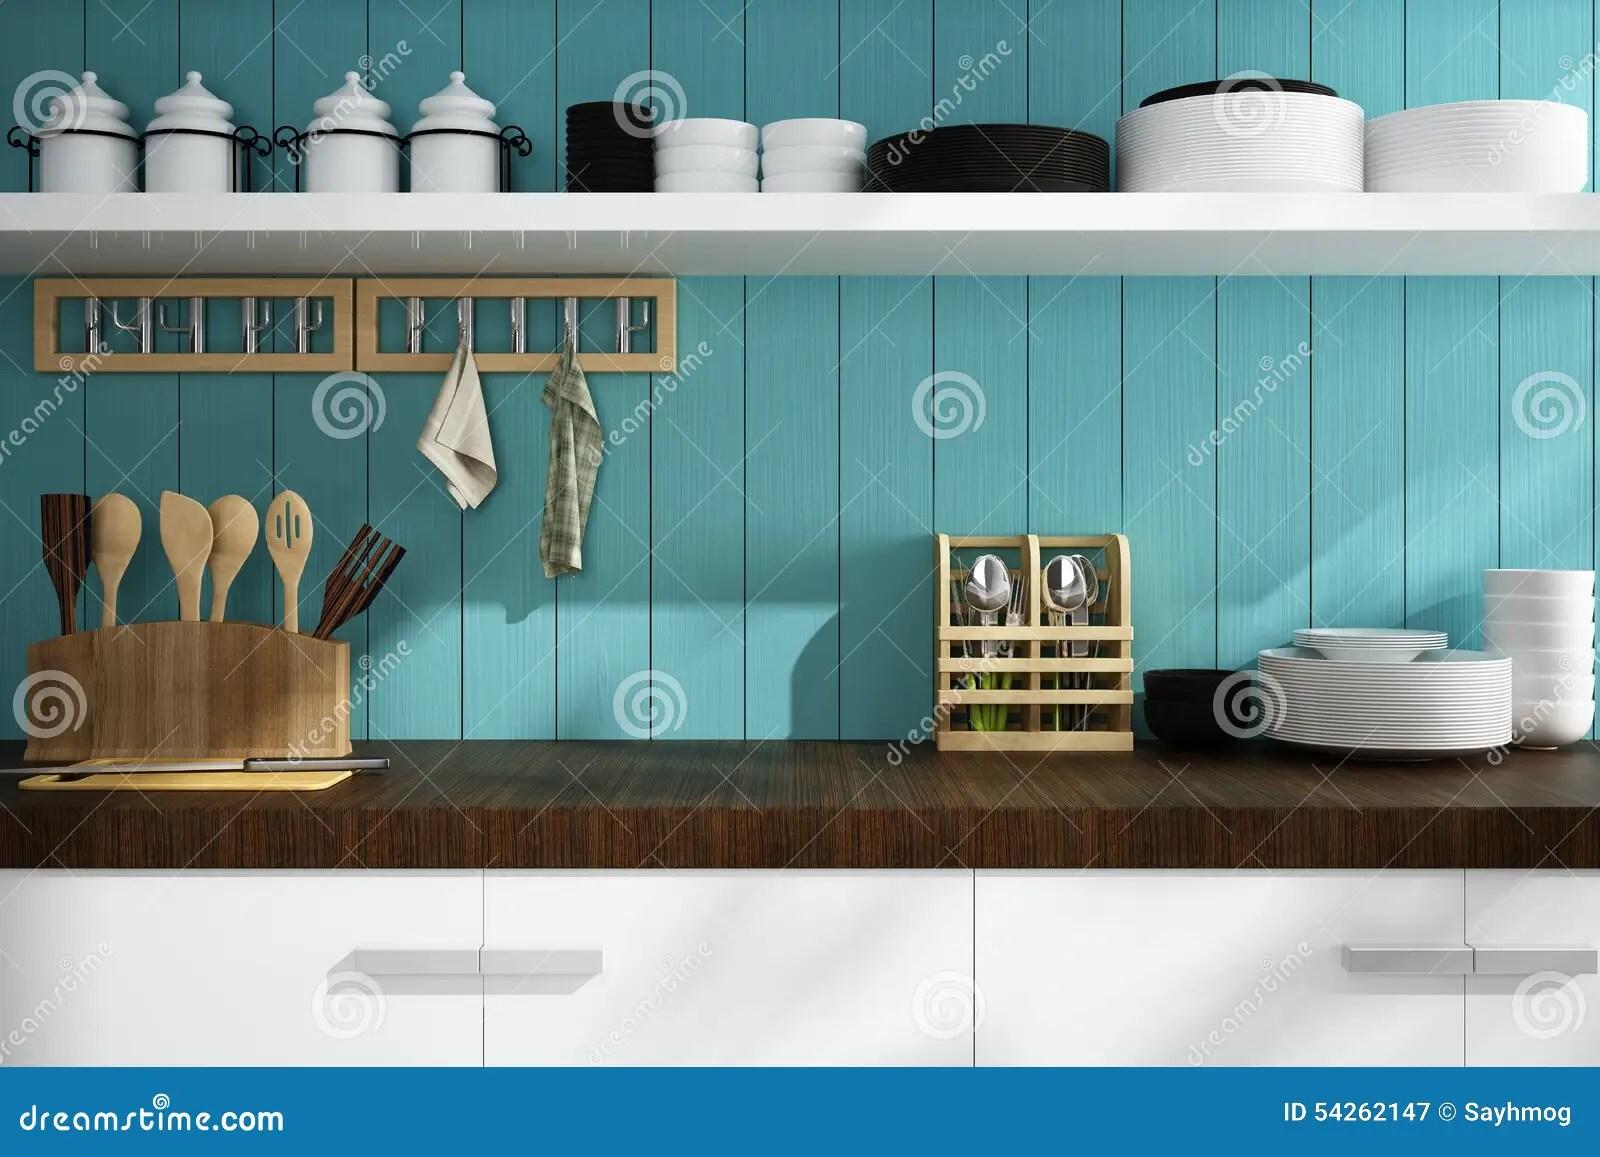 kitchen aid parts remodeling a 柜台和厨房辅助部件特写镜头库存例证 插画包括有食物 系列 蓝色 特写 柜台和厨房辅助部件 3d特写镜头翻译